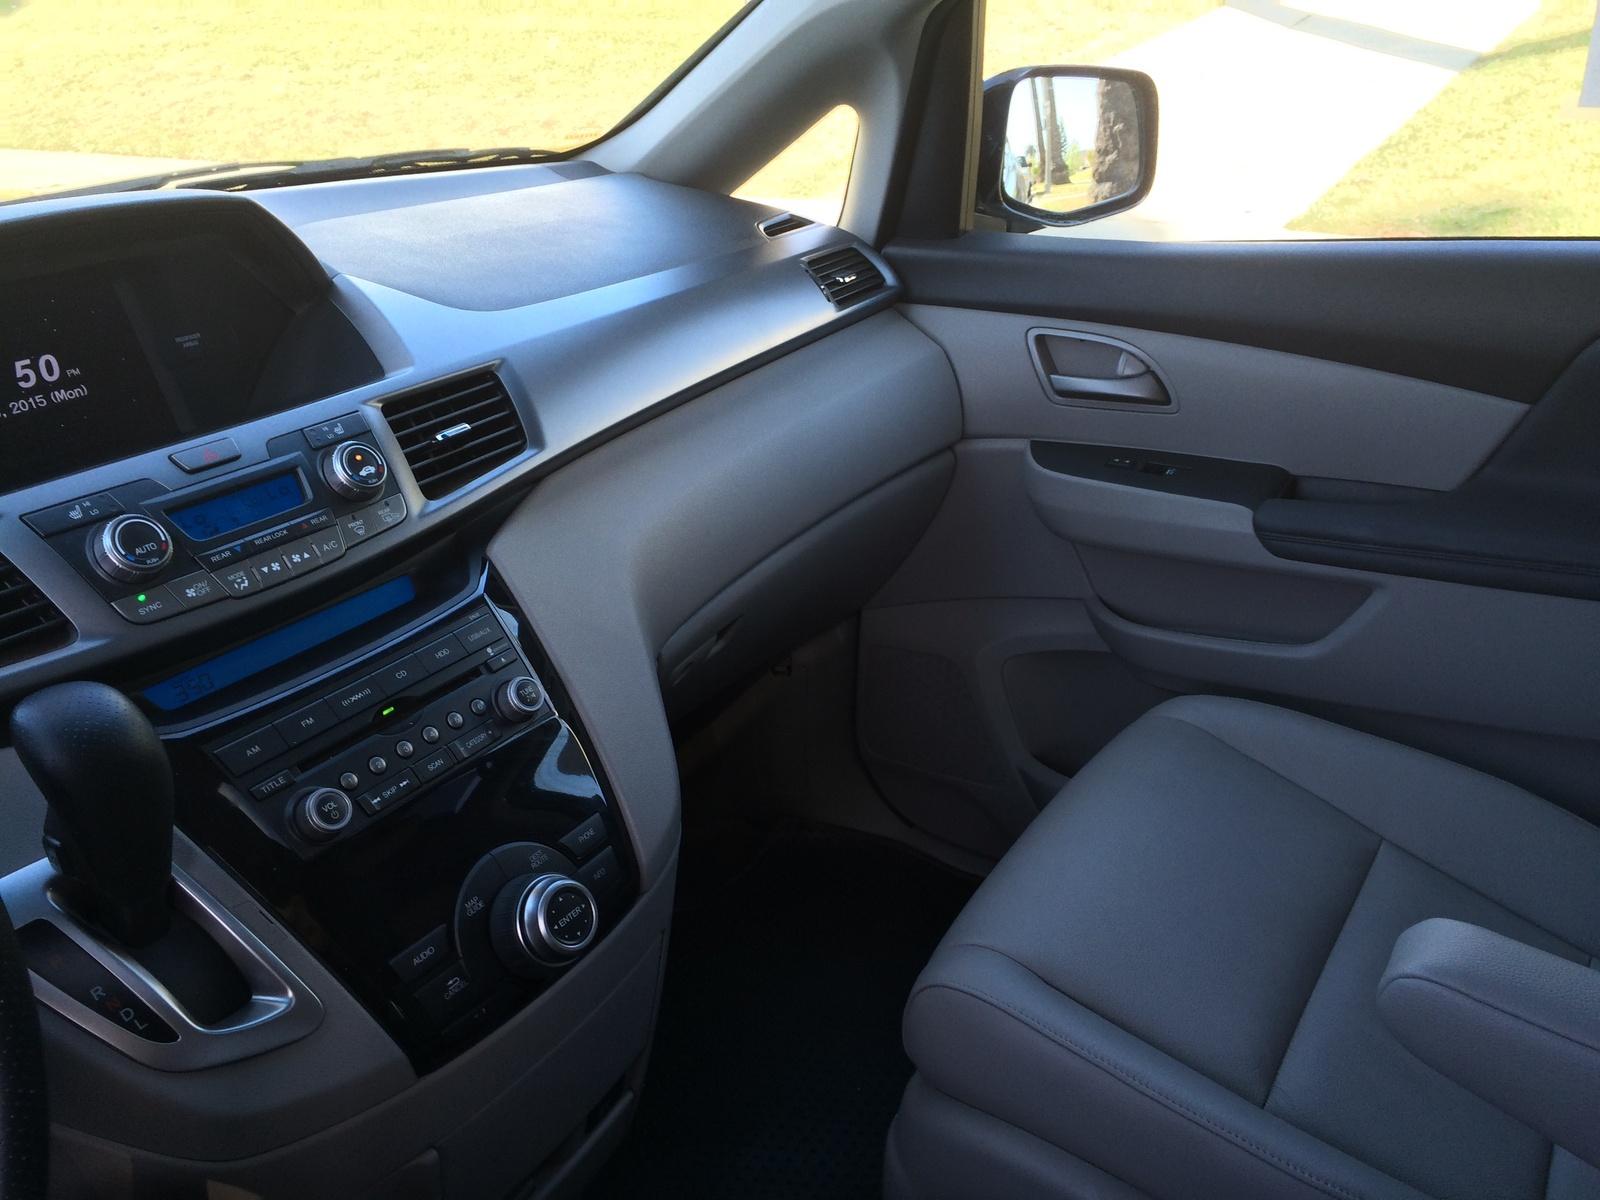 2011 Honda Odyssey Pictures Cargurus